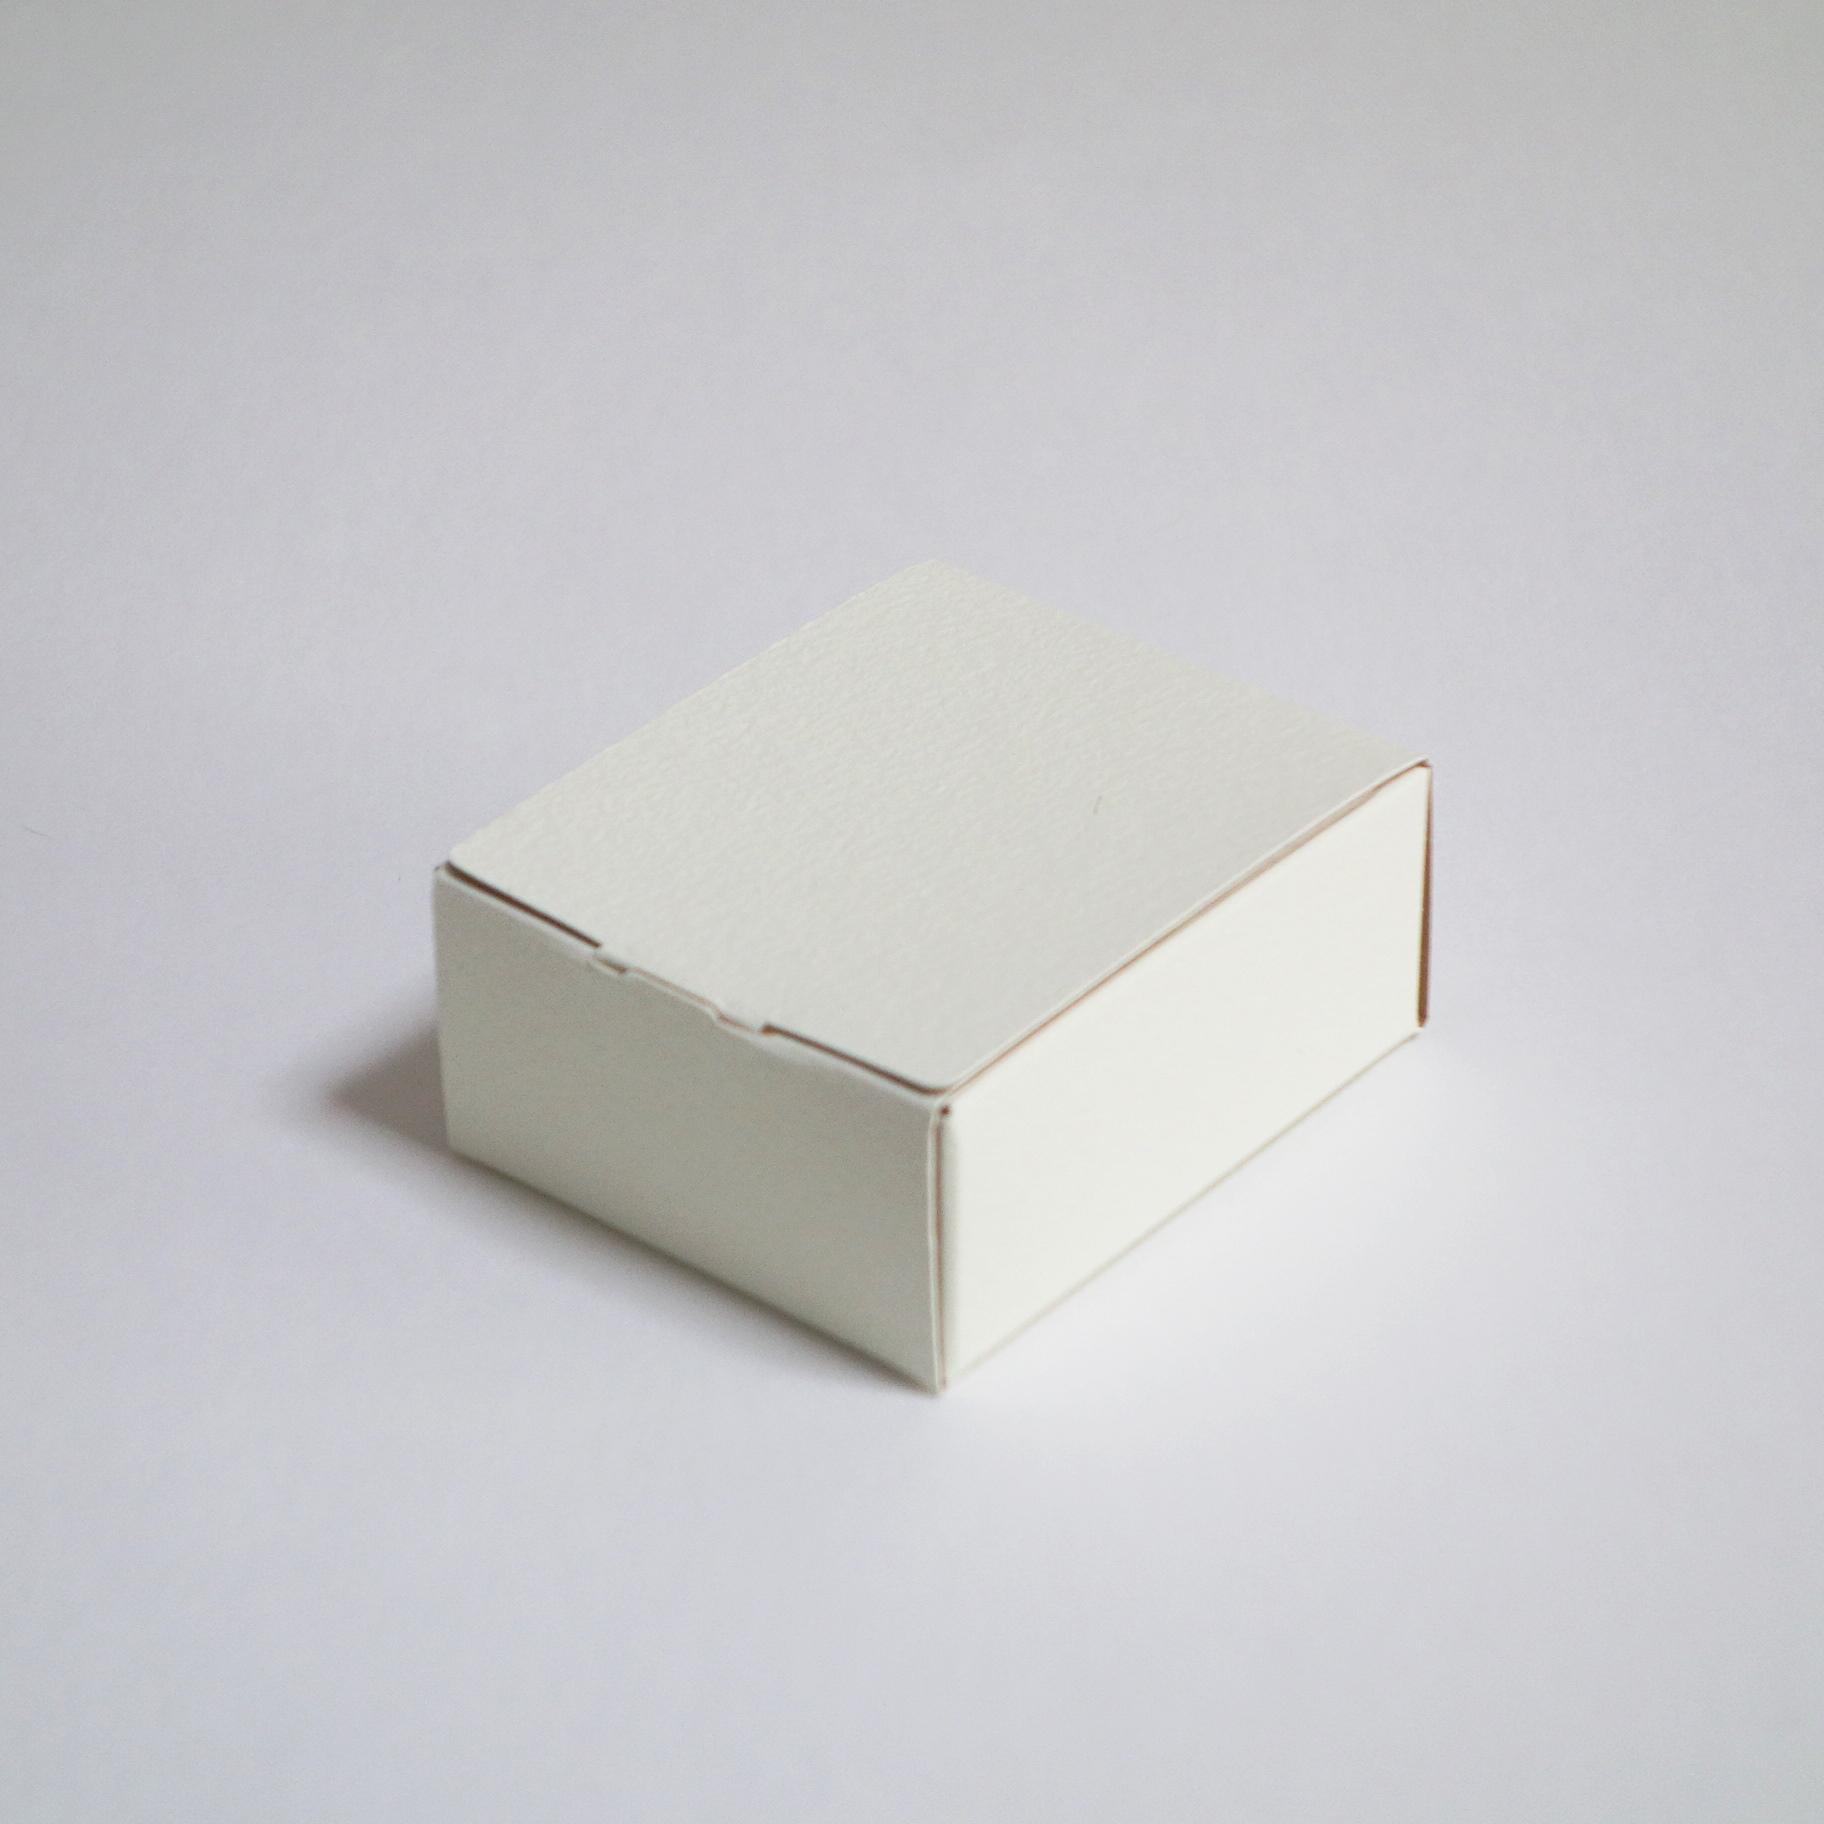 小さな箱 4個セット アクセサリー用台紙付き